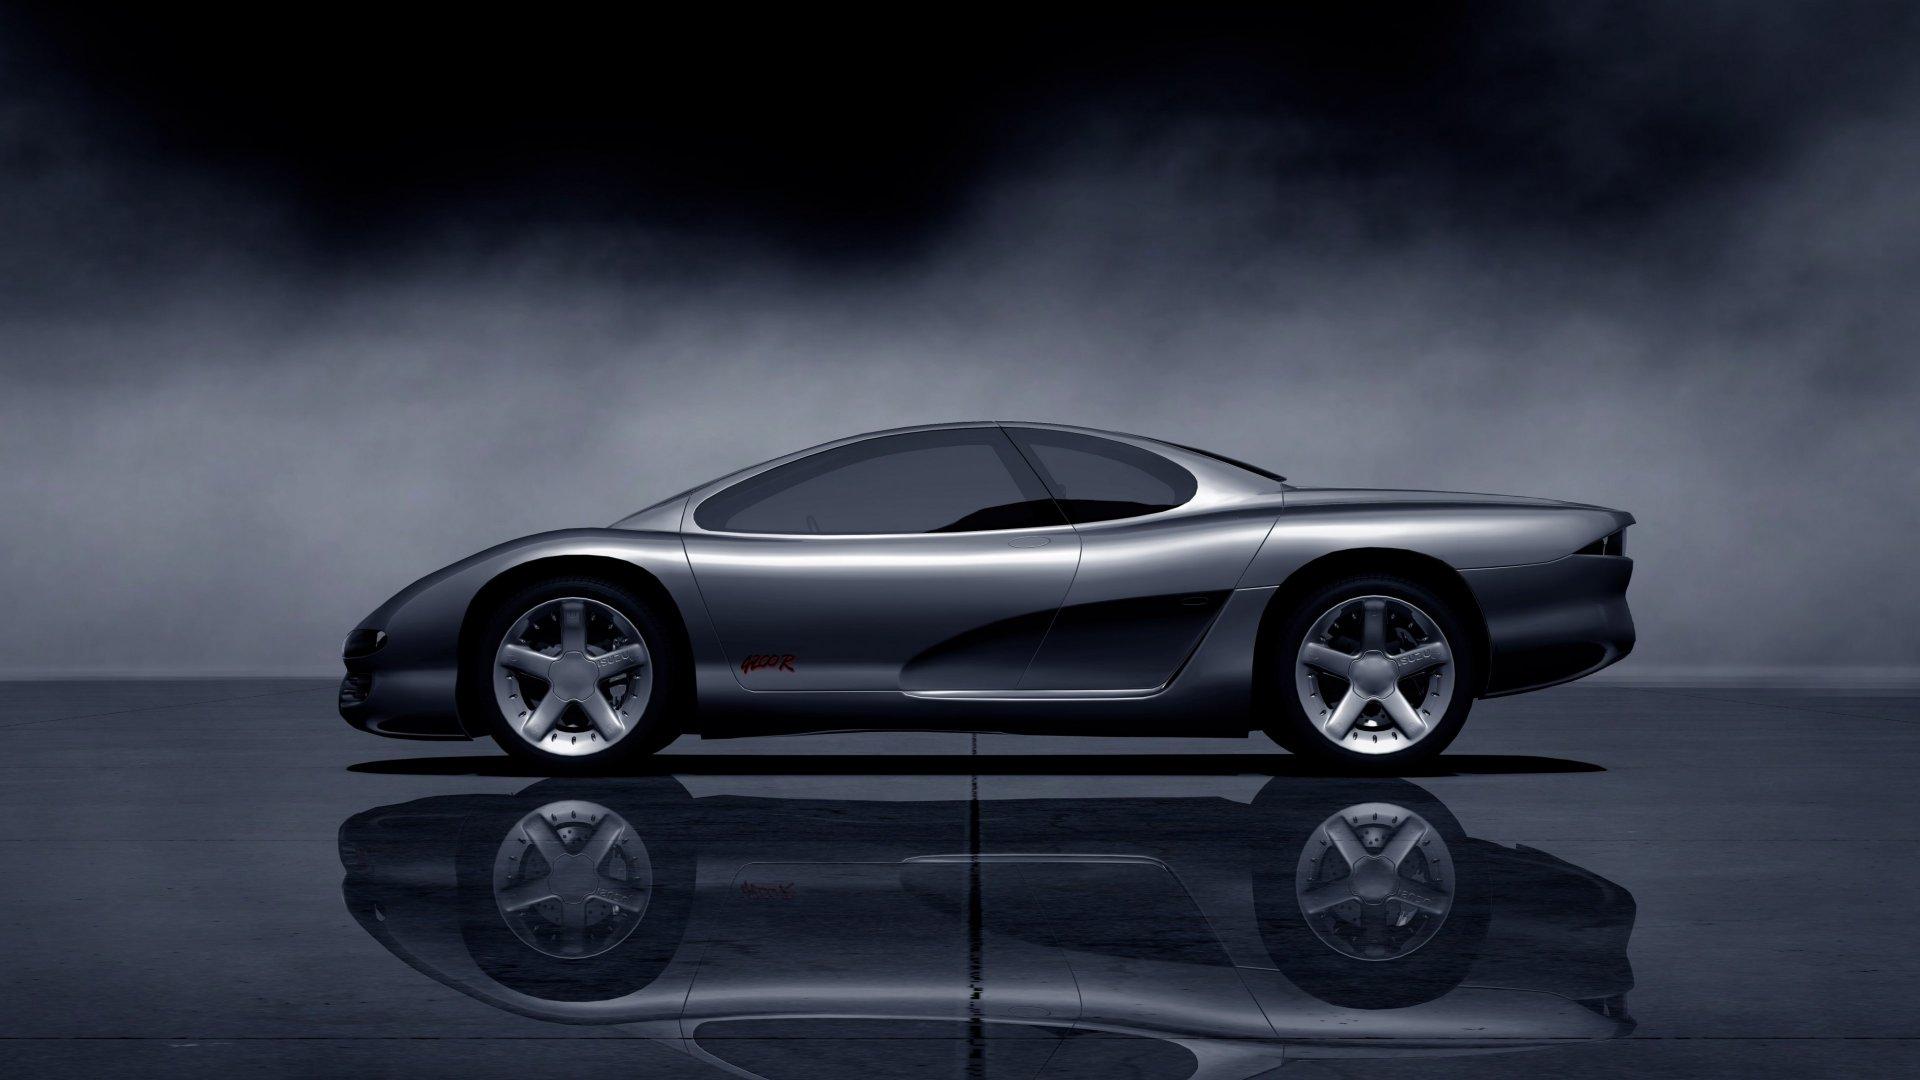 Isuzu 4200r concept gris oscuro fondo de pantalla for Fondo de pantalla gris